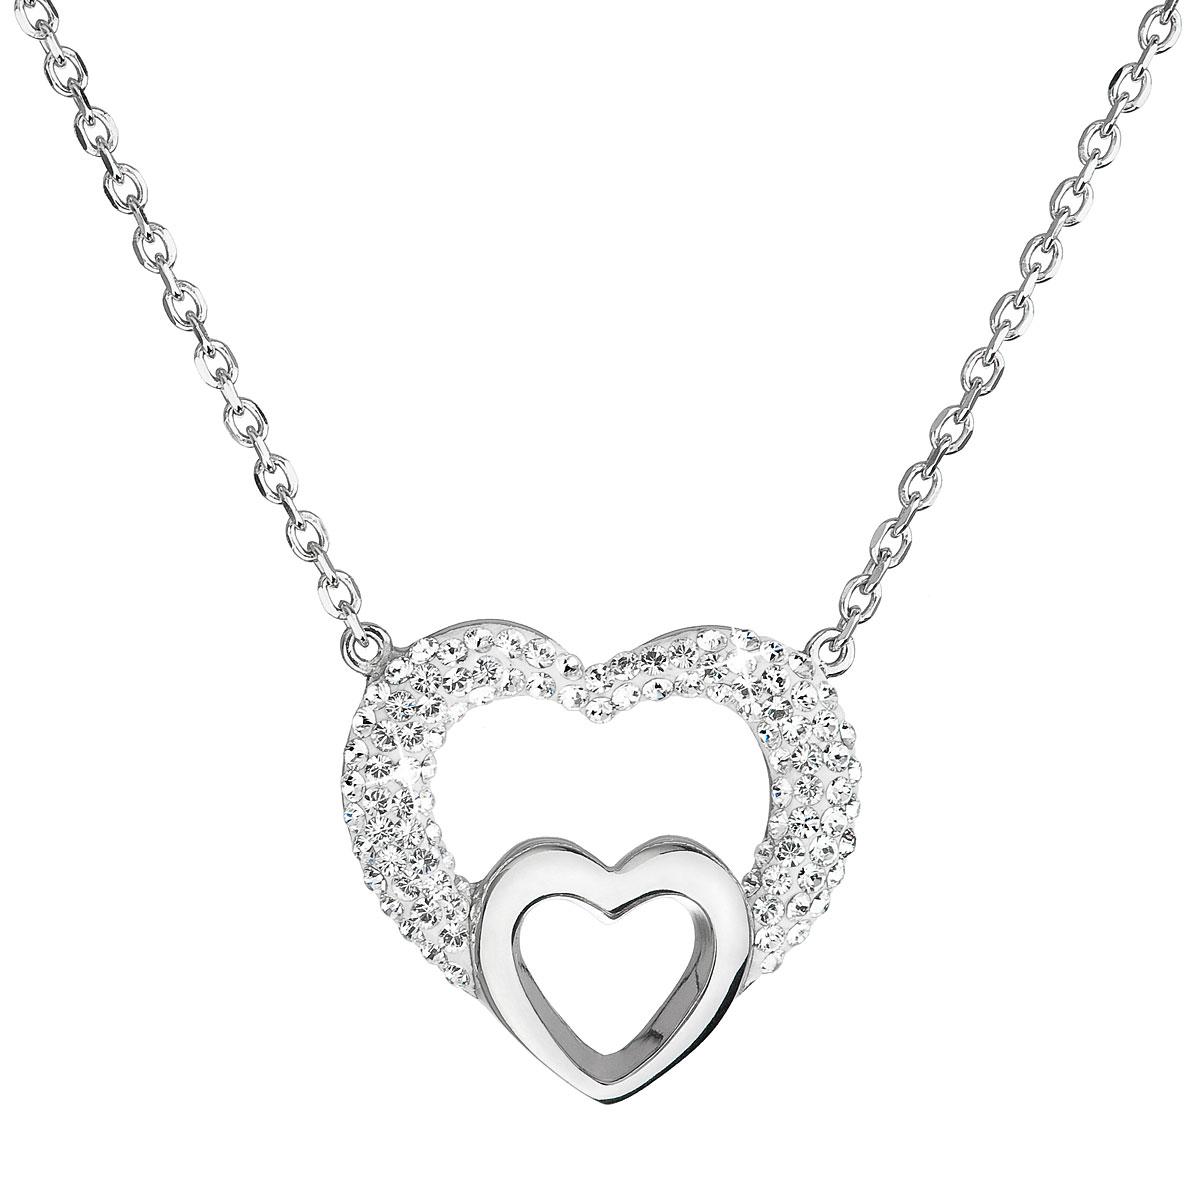 Strieborný náhrdelník s krištáľmi Swarovski biele srdce 32032.1